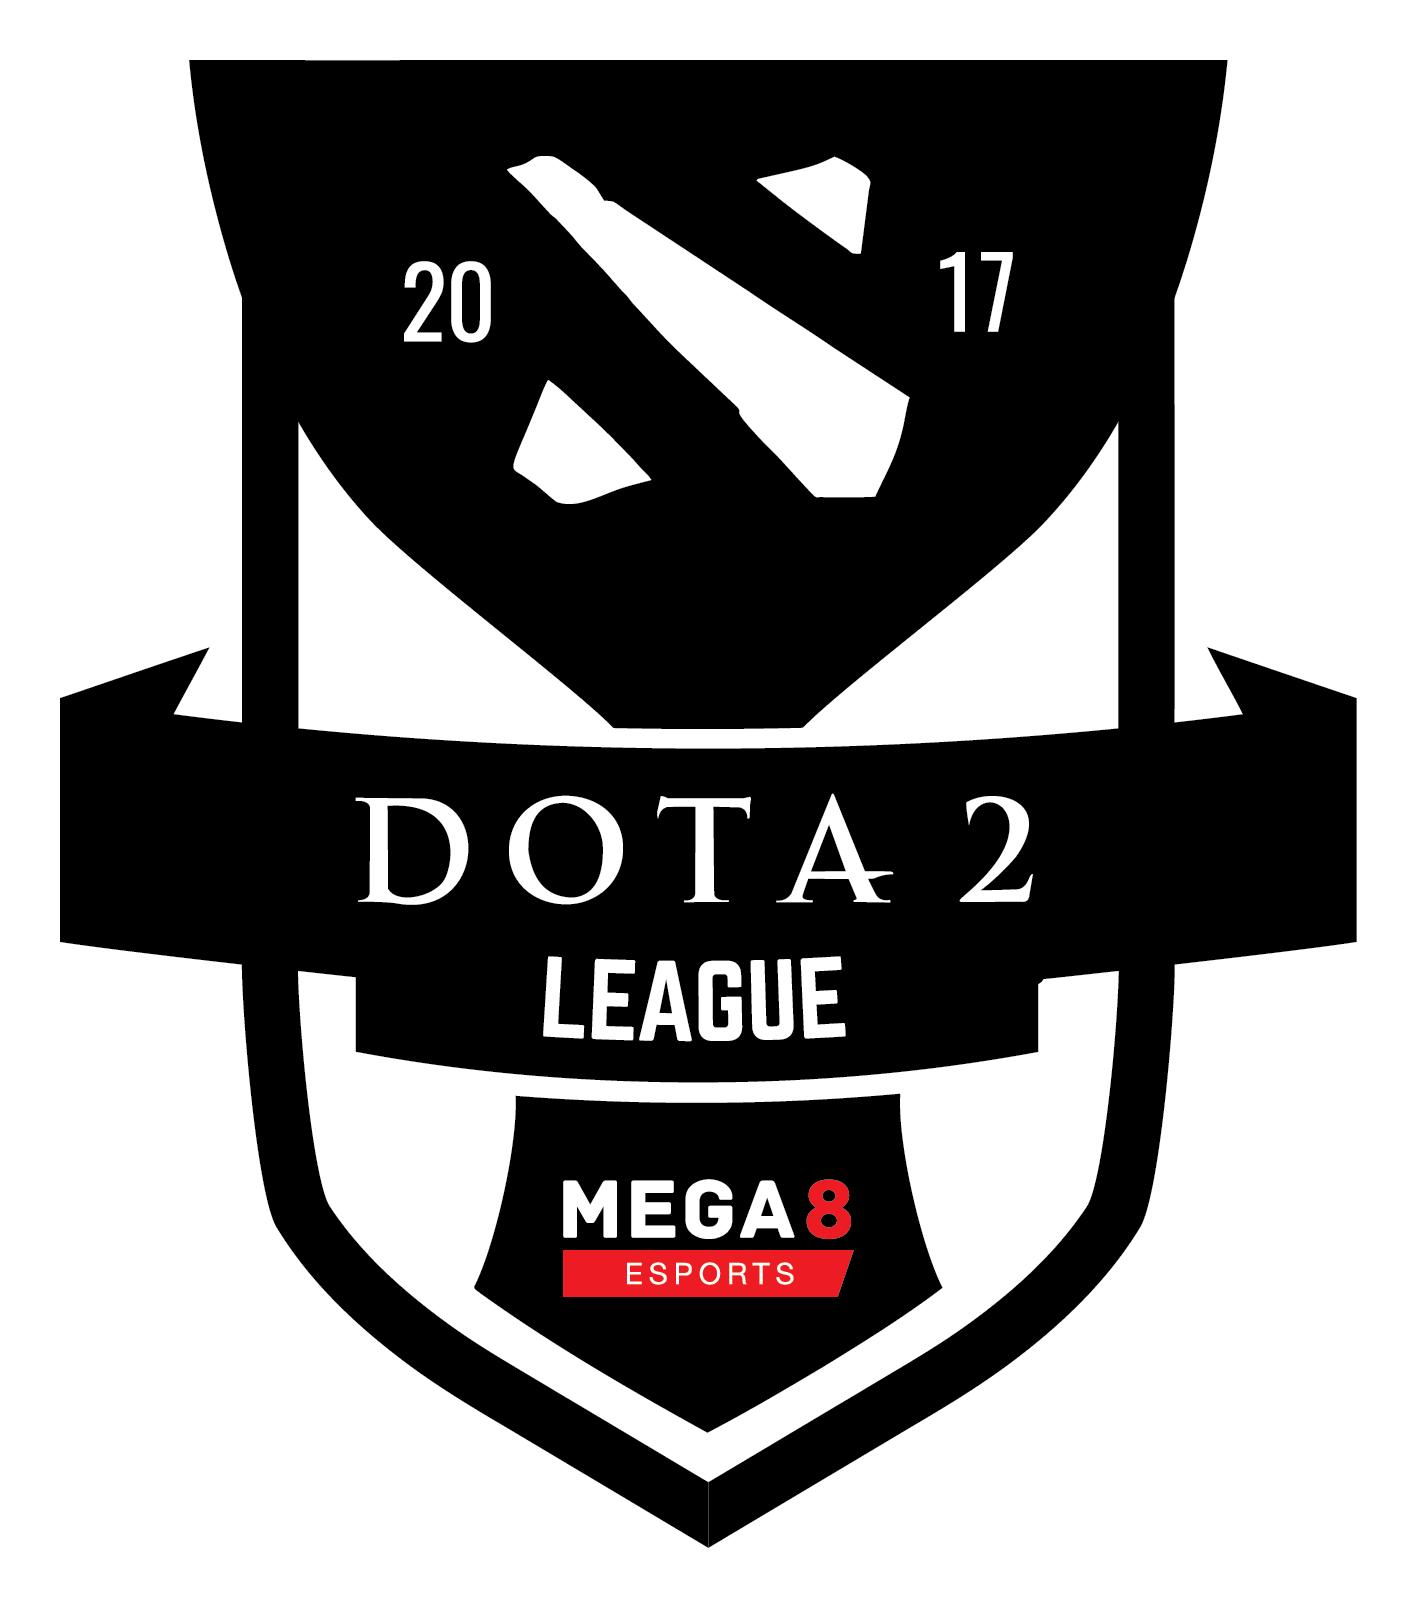 The Mega8 Pro 16 League